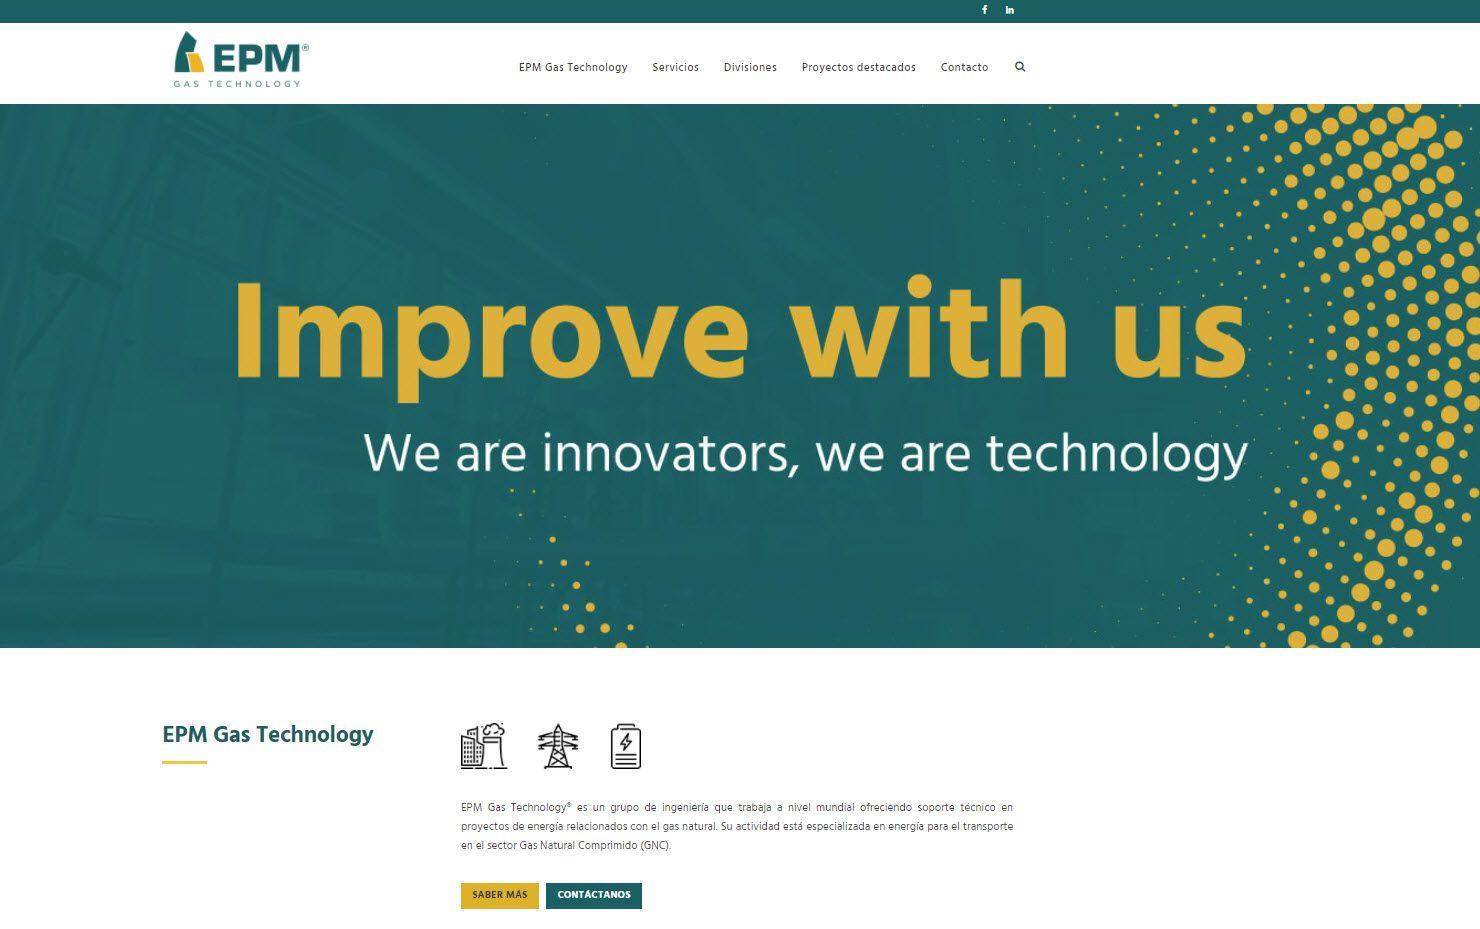 proyecto web, desarrollo digital para epm gas technology